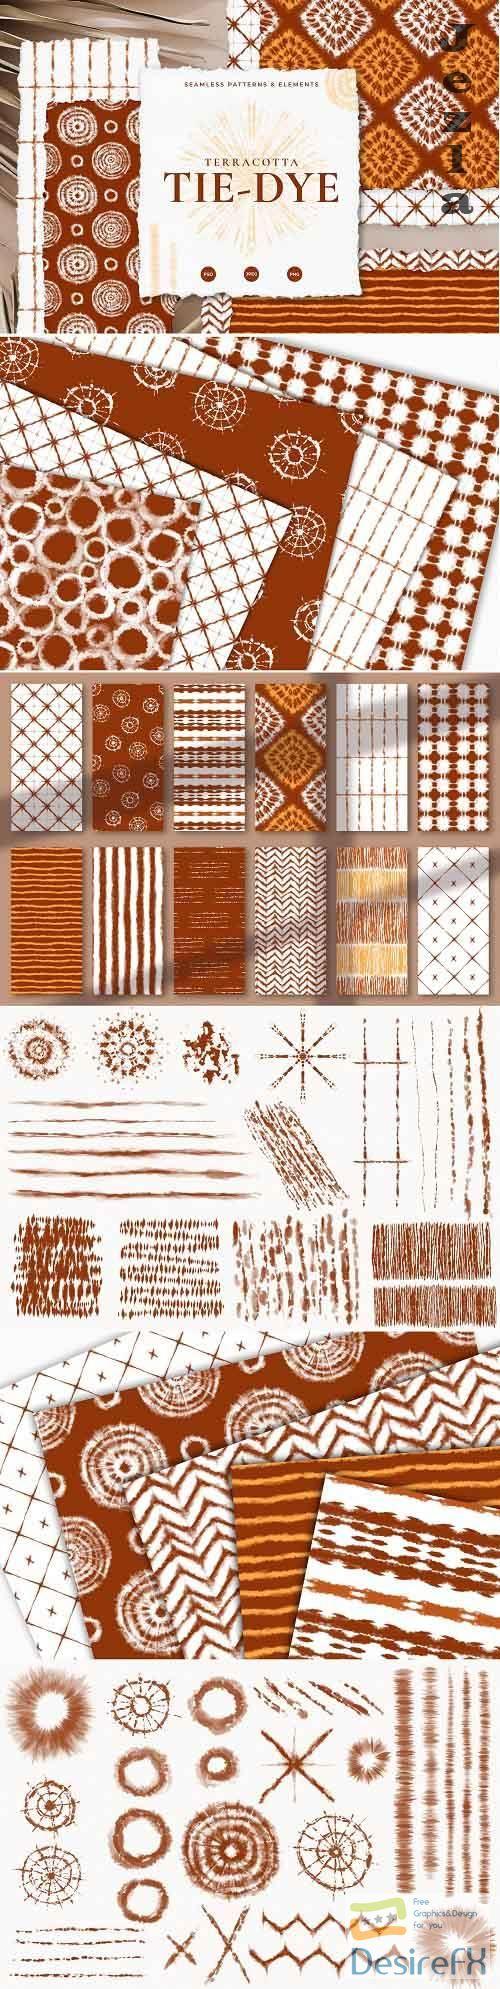 Seamless Terracotta Tie-Dye Patterns - 5157630